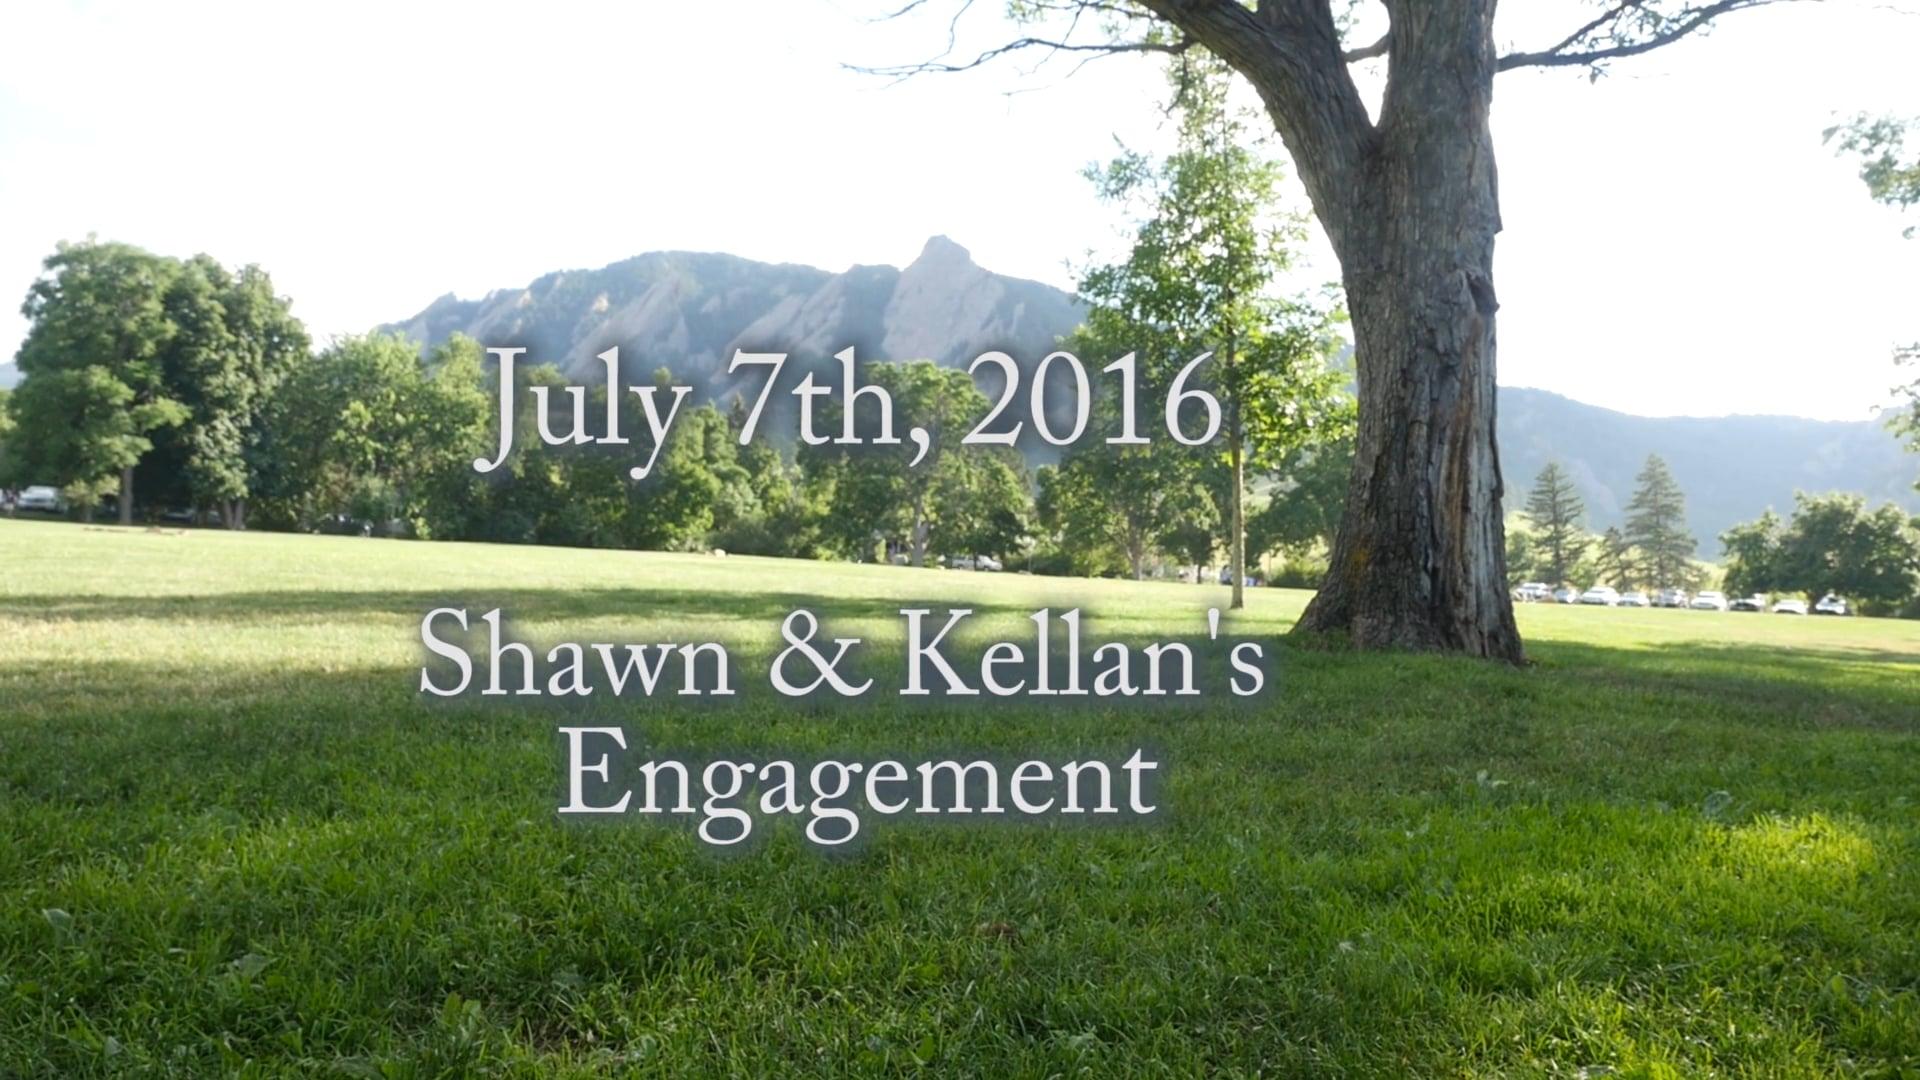 Shawn & Kellan's Engagement